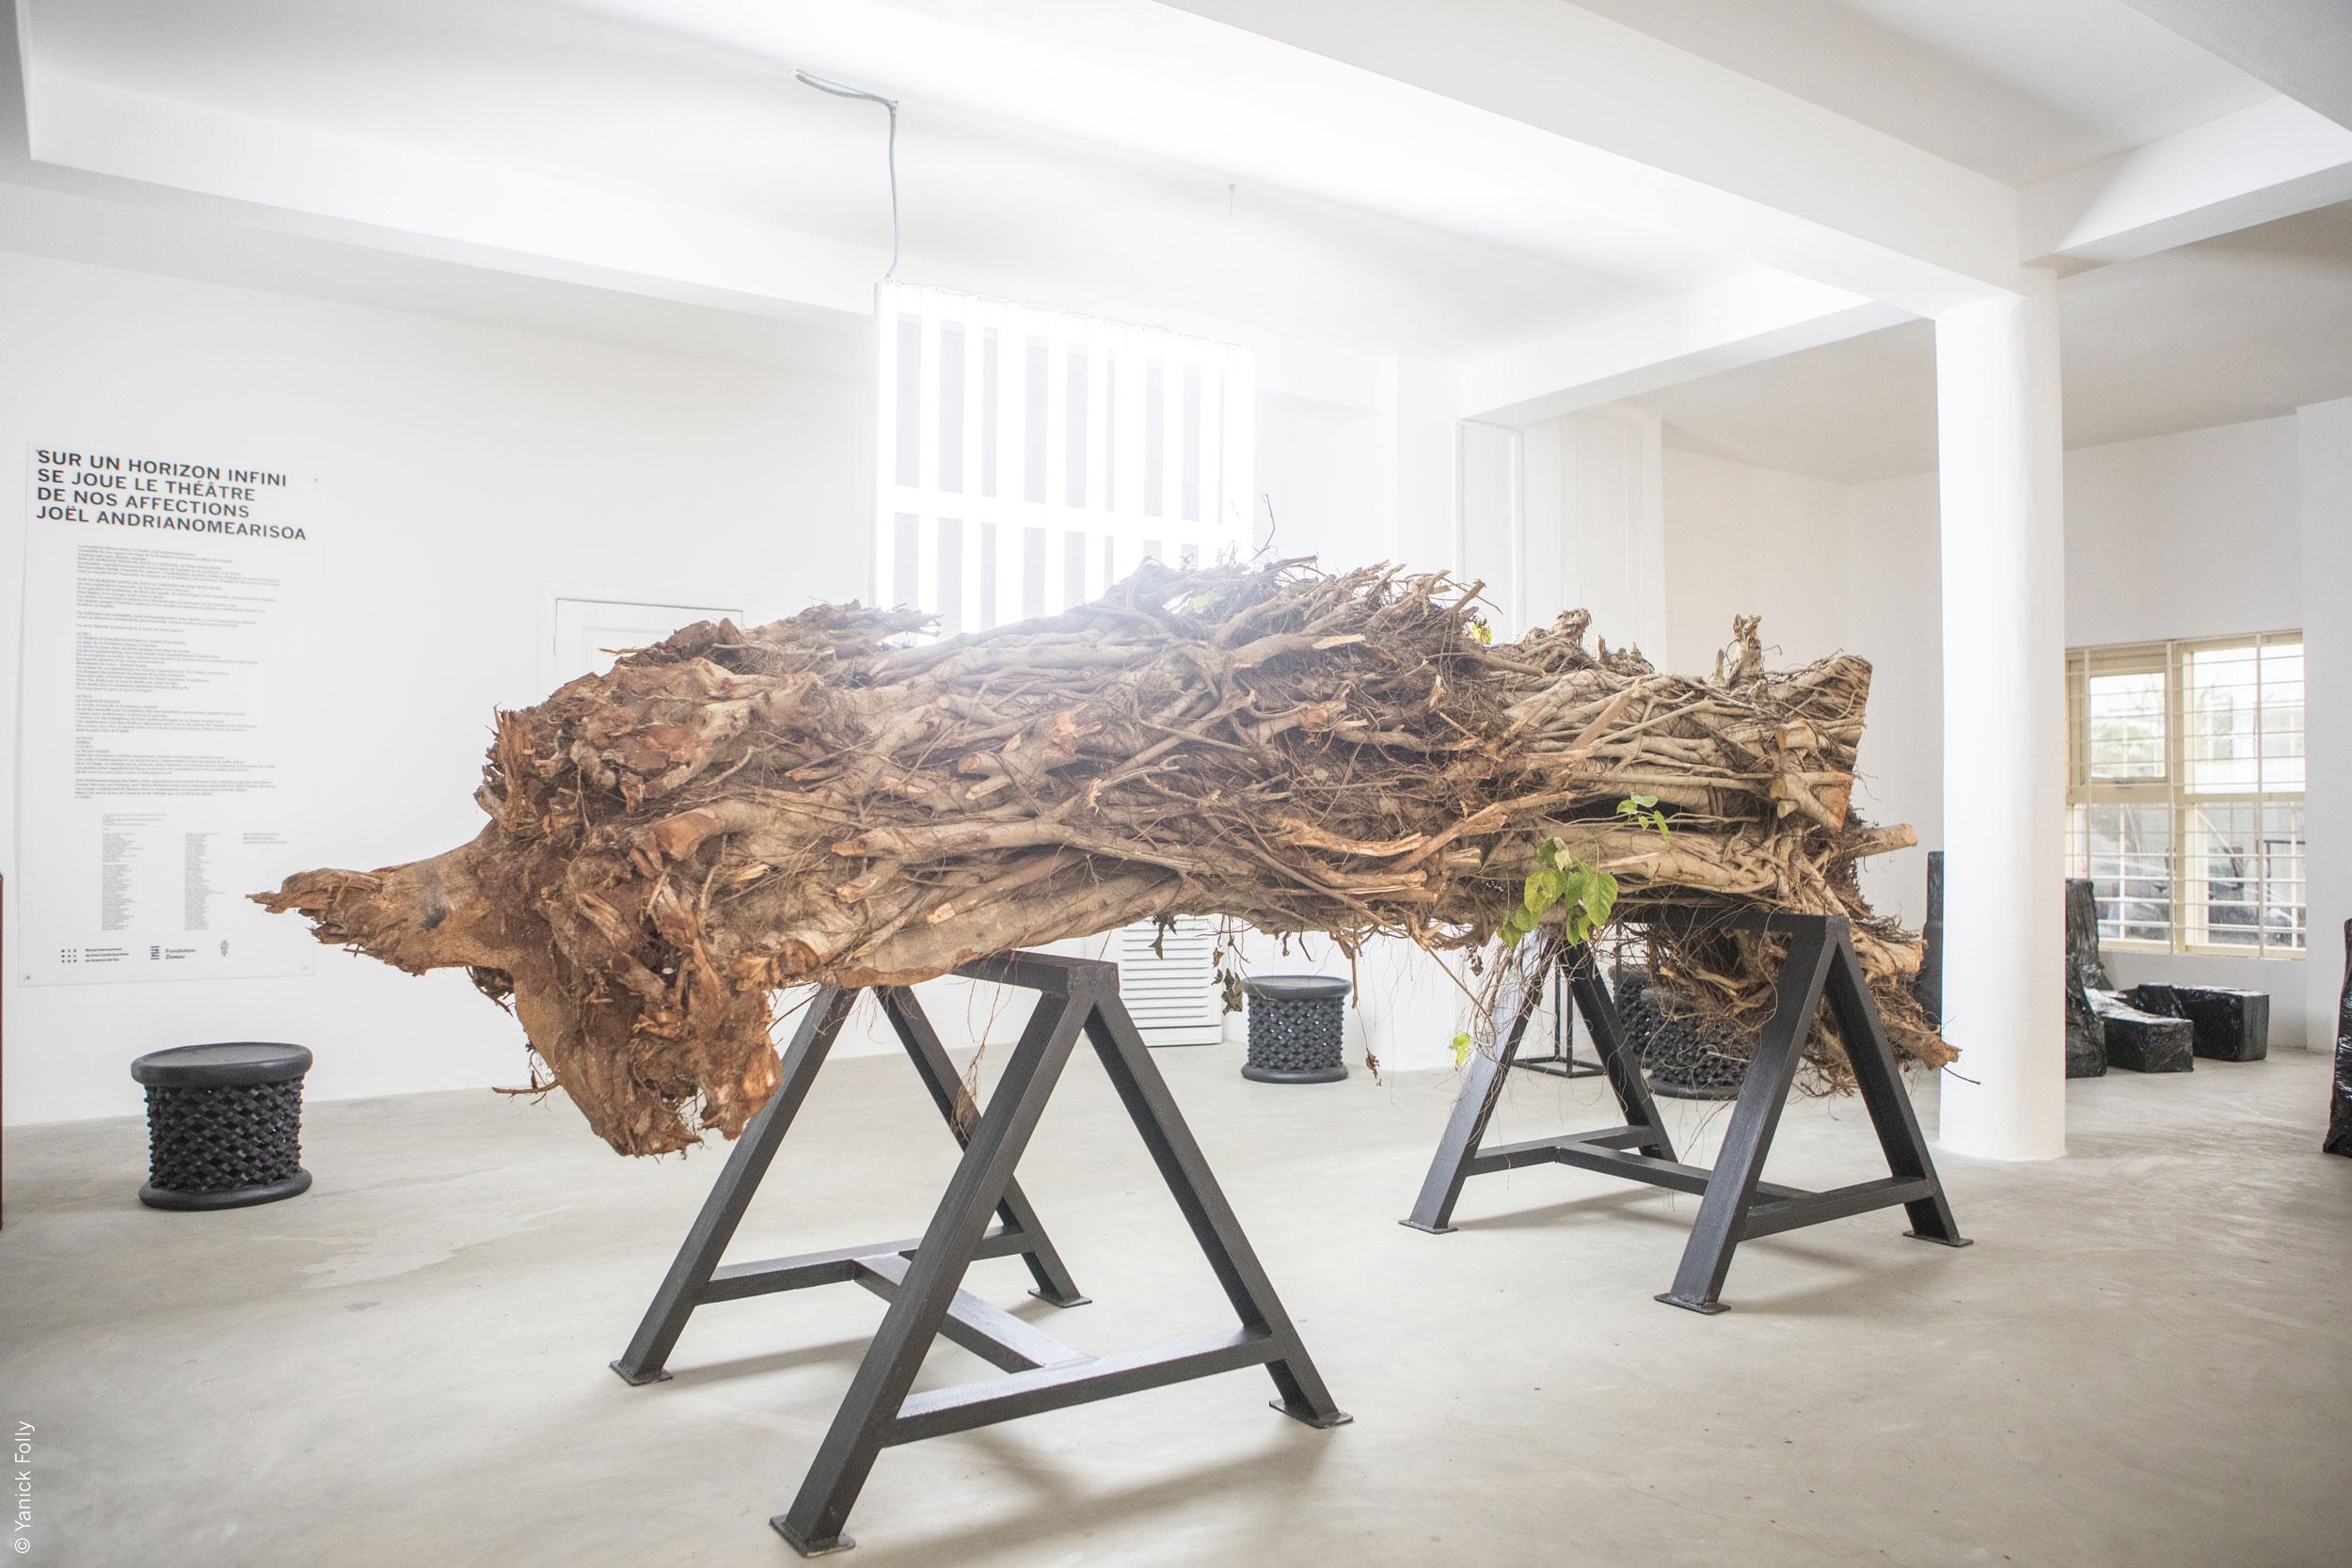 Joël Andrianomearisoa, La lumière noire, 2015 © Fondation Zinsou